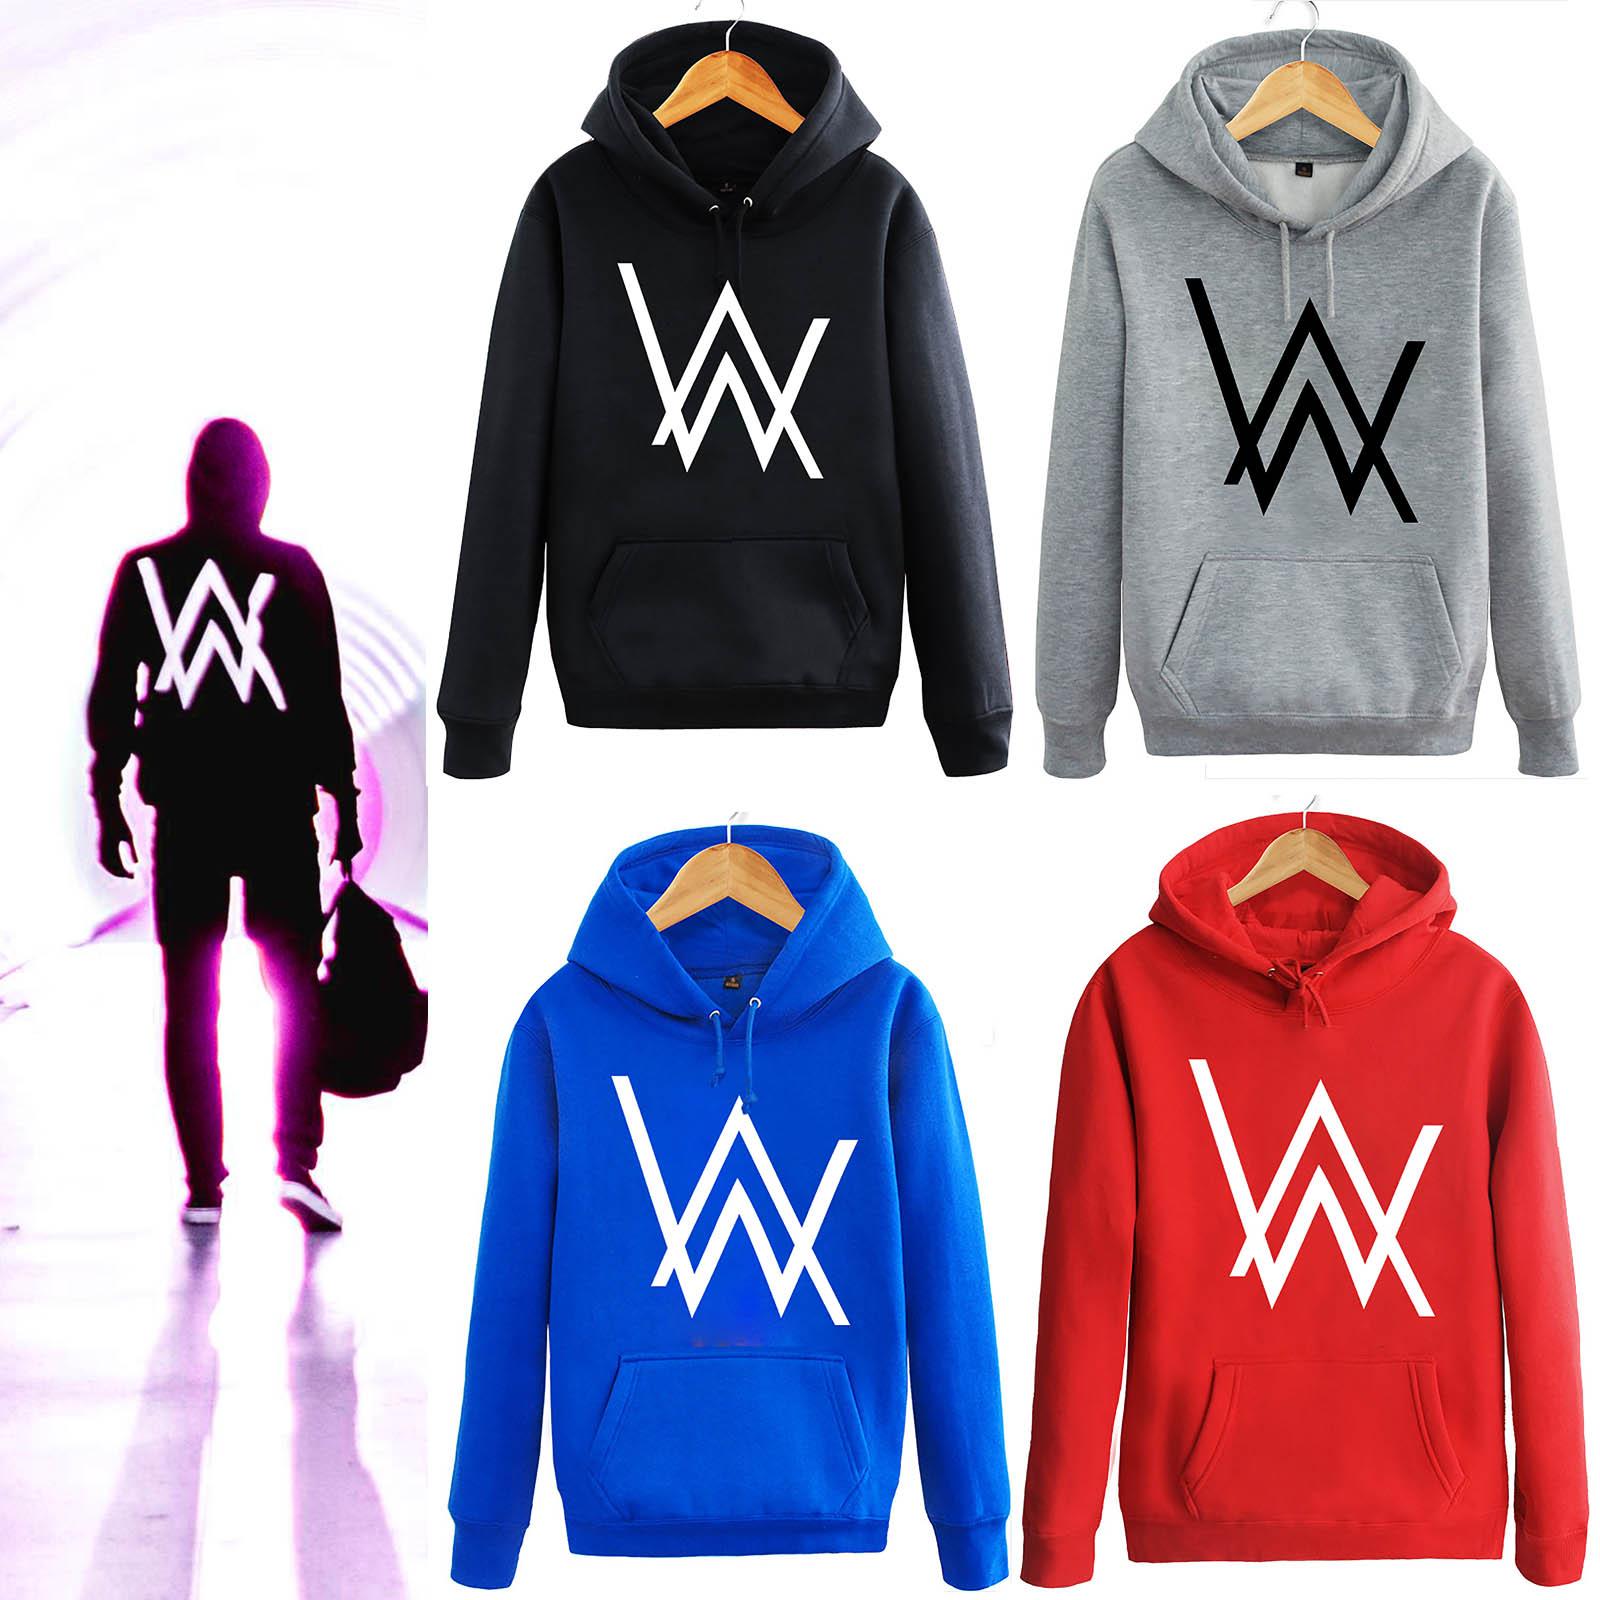 ... Alan Walker Music DJ Sweater Hoodie Hoody Zip Jacket Fleece Unisex S 3XL